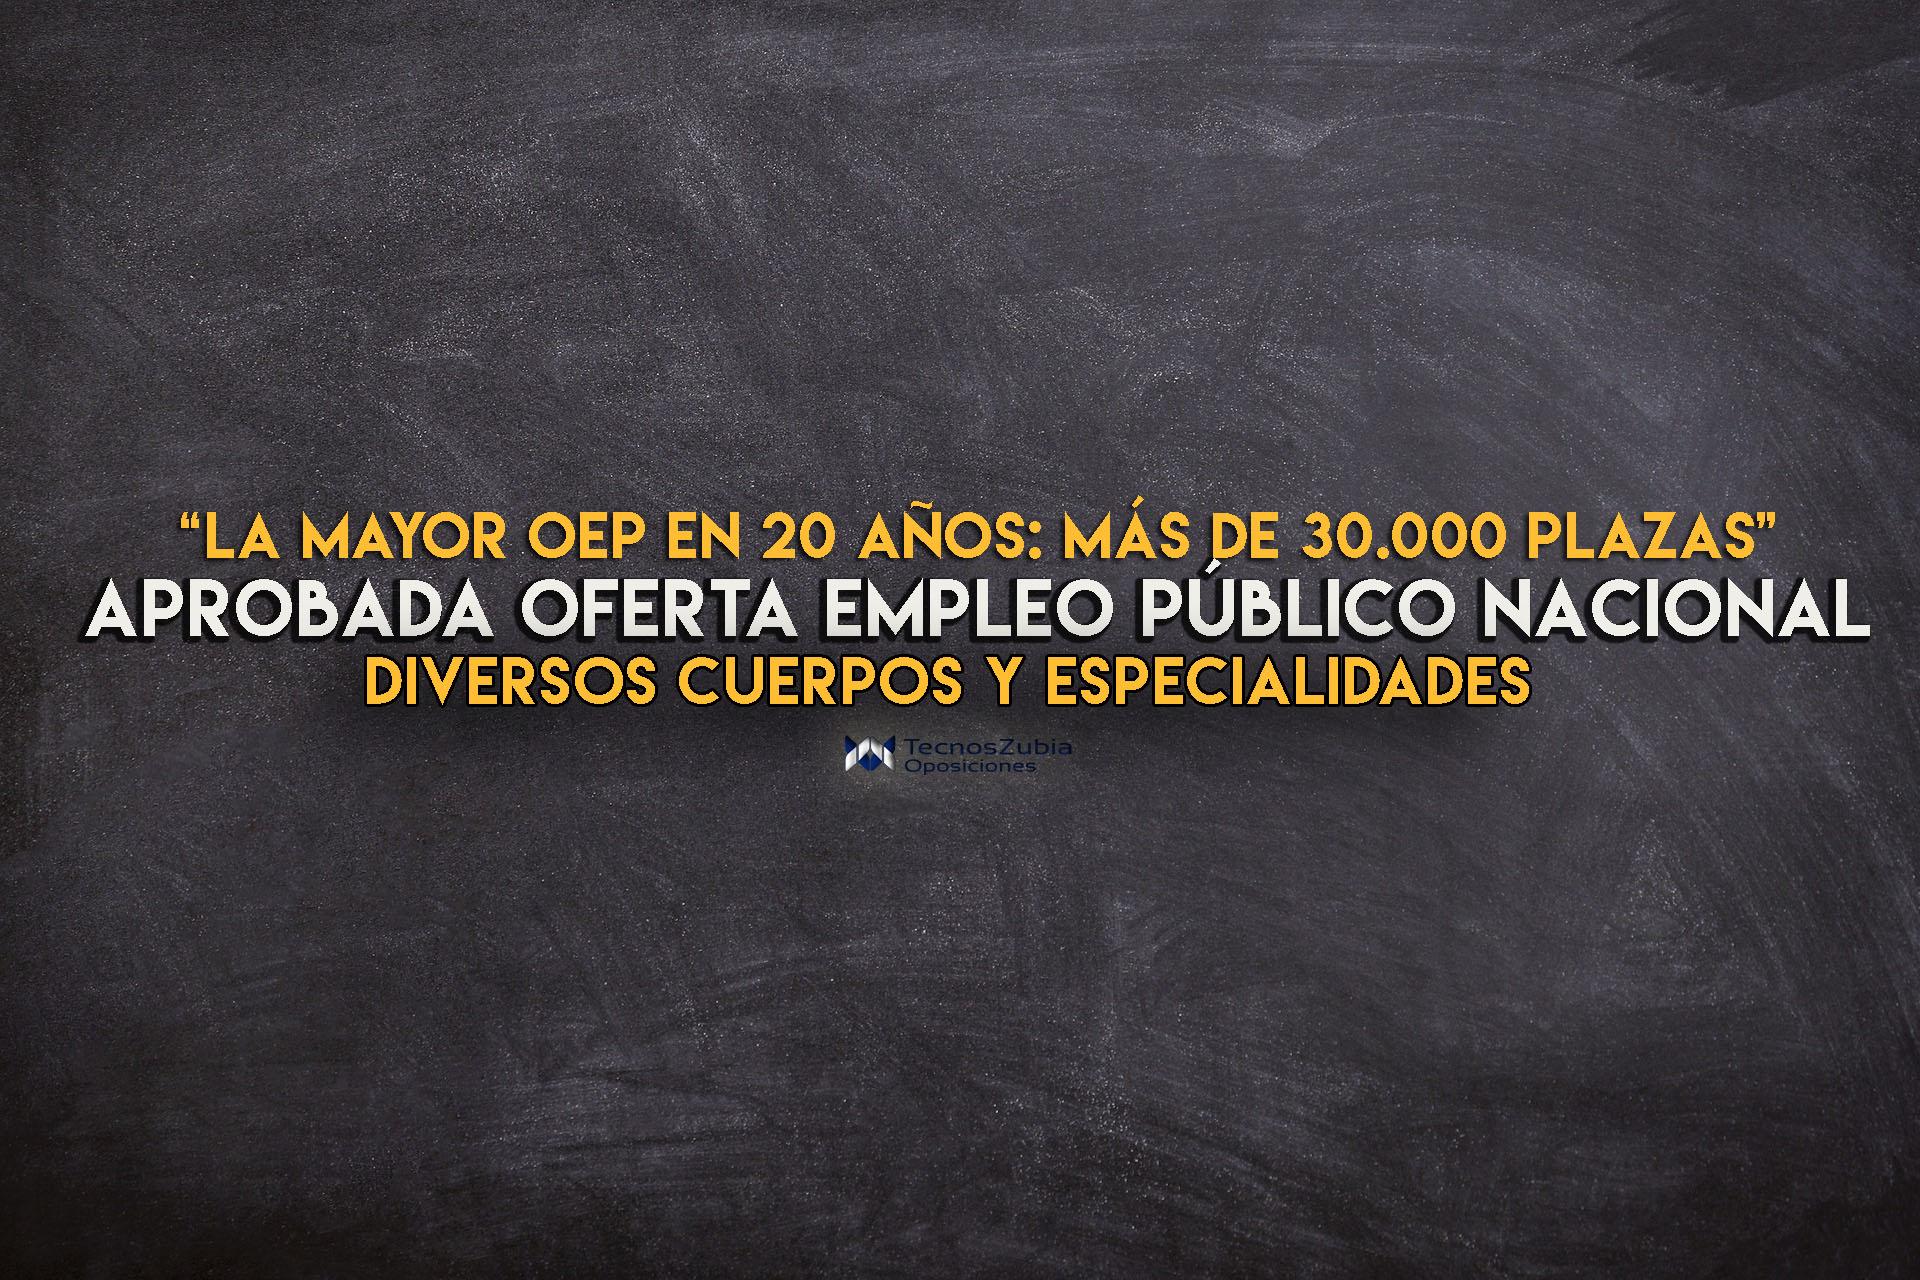 Aprobada la Oferta de Empleo Público Nacion con más de 30000 plazas.